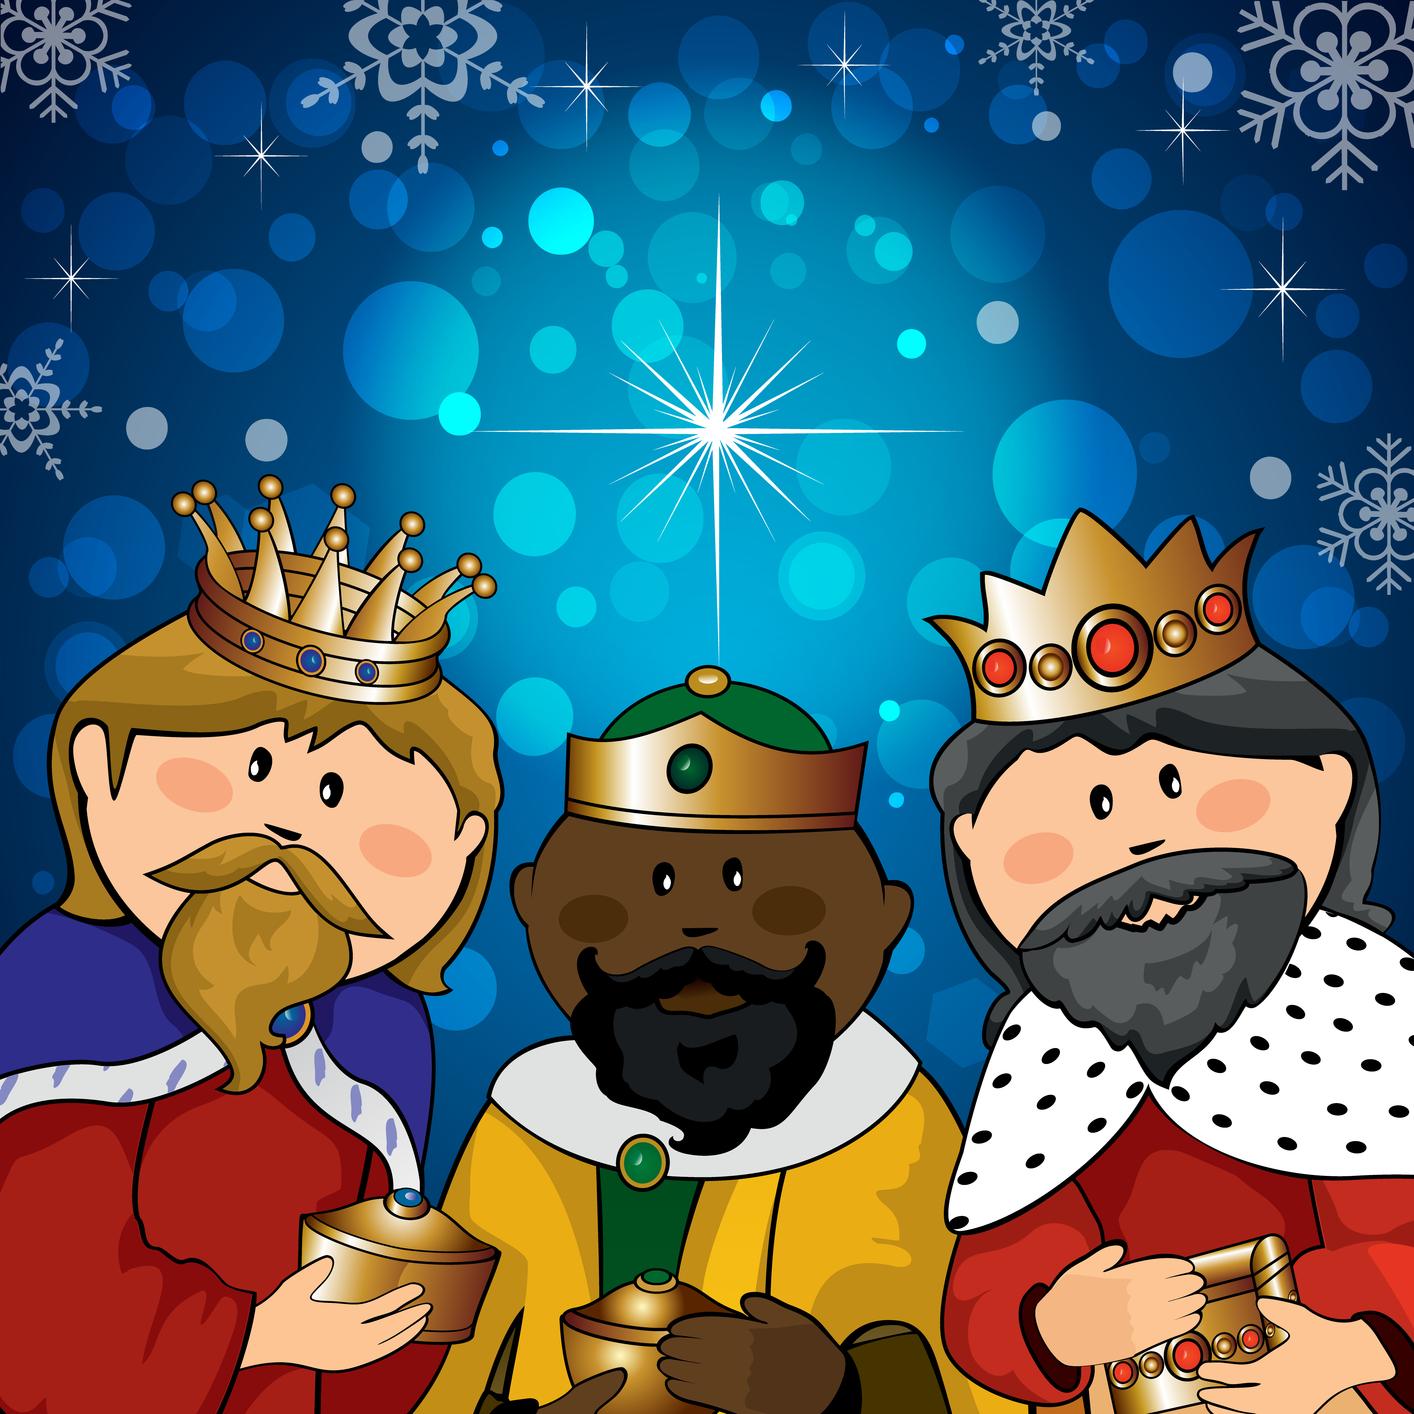 Banco de imgenes Ilustracin colorida de los Tres Reyes Magos en